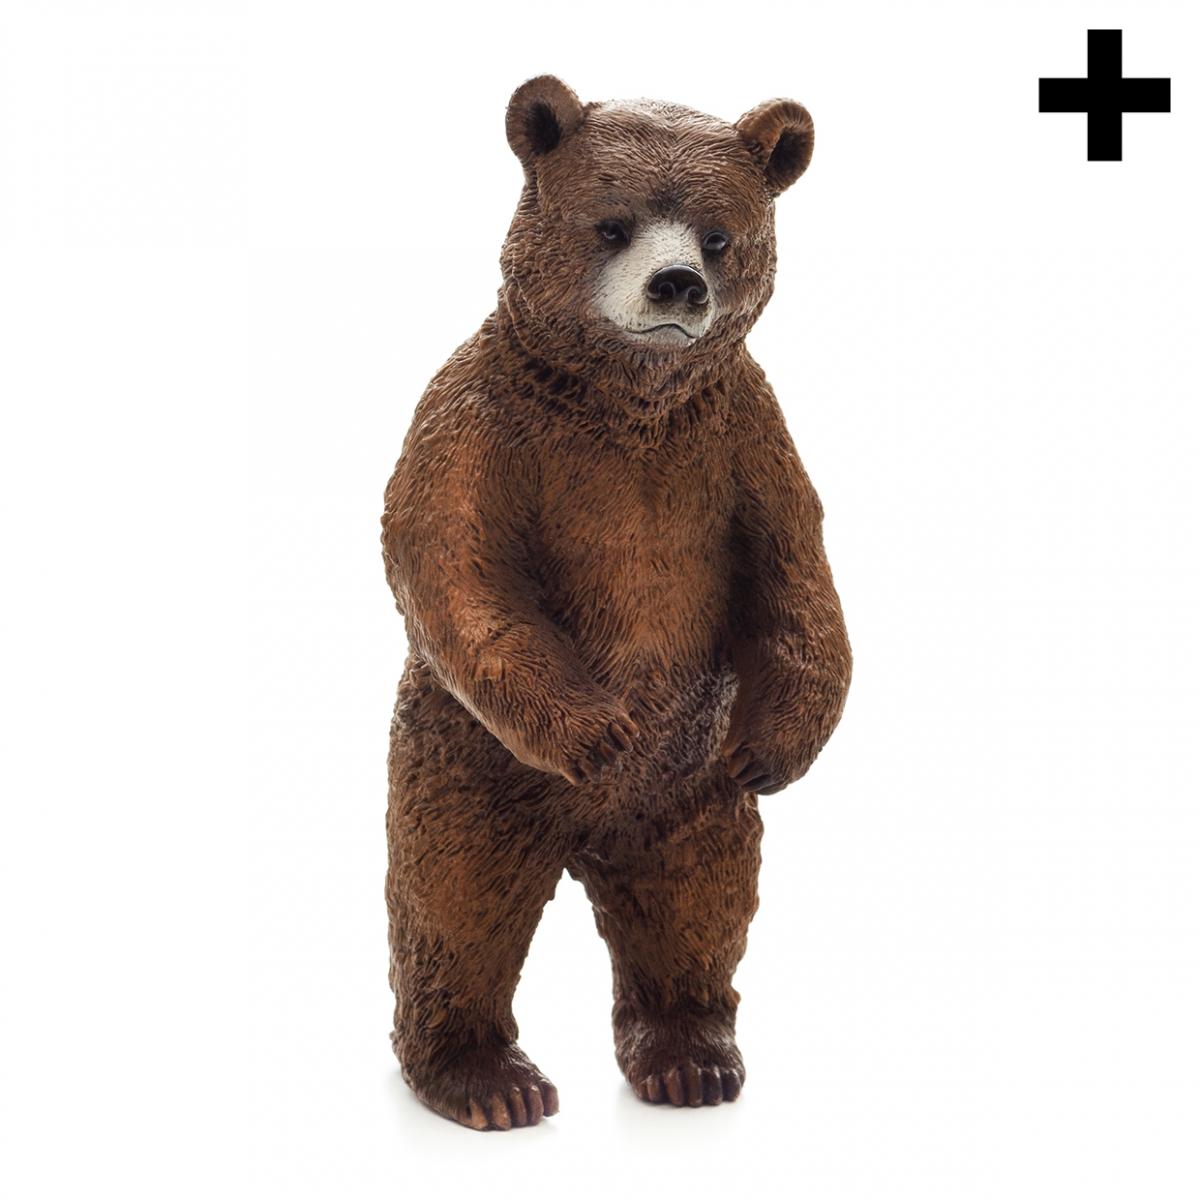 Imagen en la que se ve un oso de pie apoyado sobre sus dos patas traseras